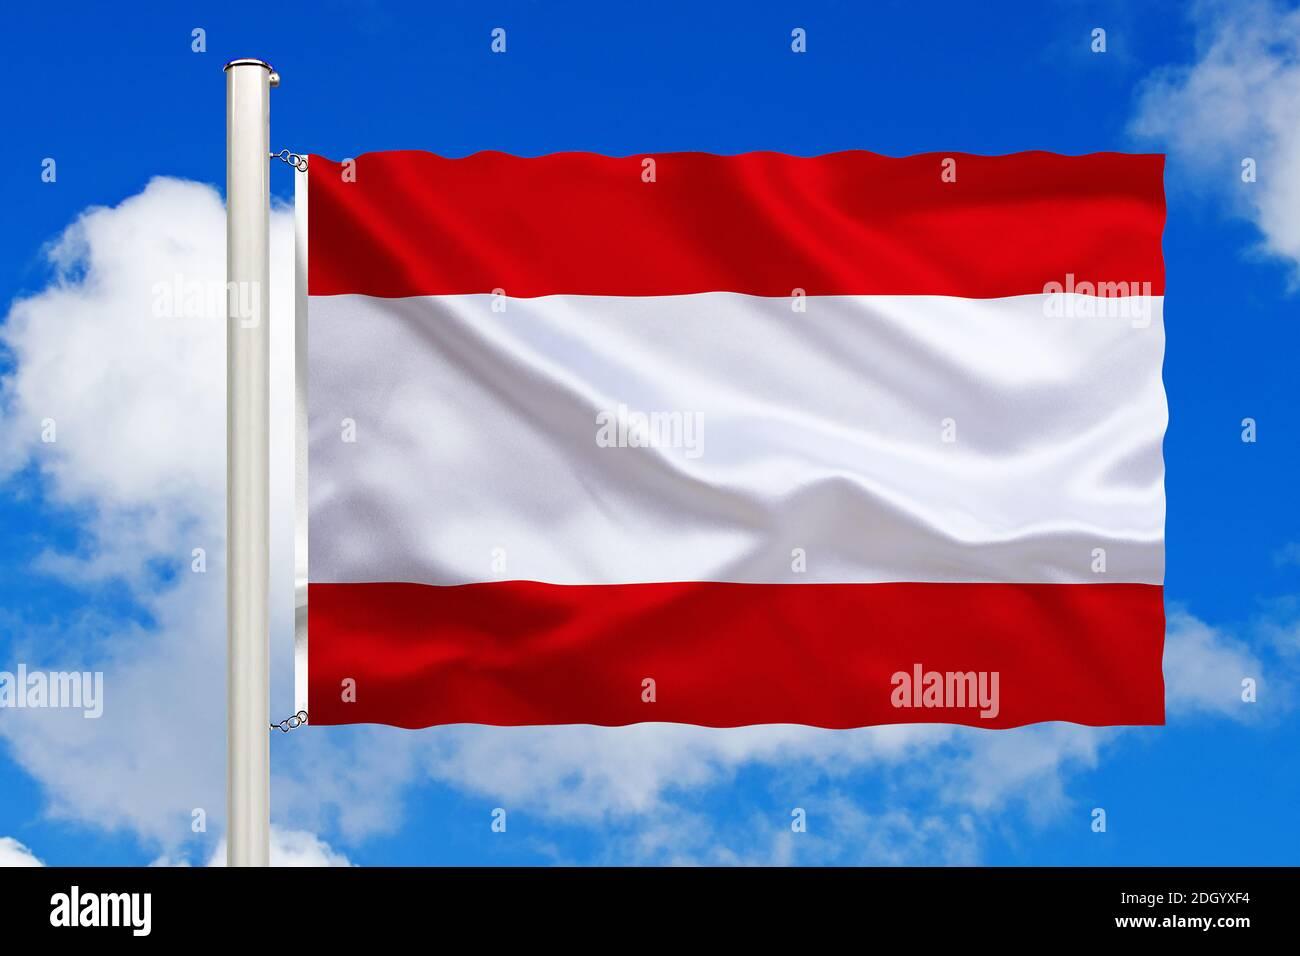 Französich-Polynesien, Tahiti, Südsee, Nationalfahne, Nationalflagge, Fahne, Flagge, Flaggenmast, Cumulus Wolken vor blauen Himmel, Stock Photo